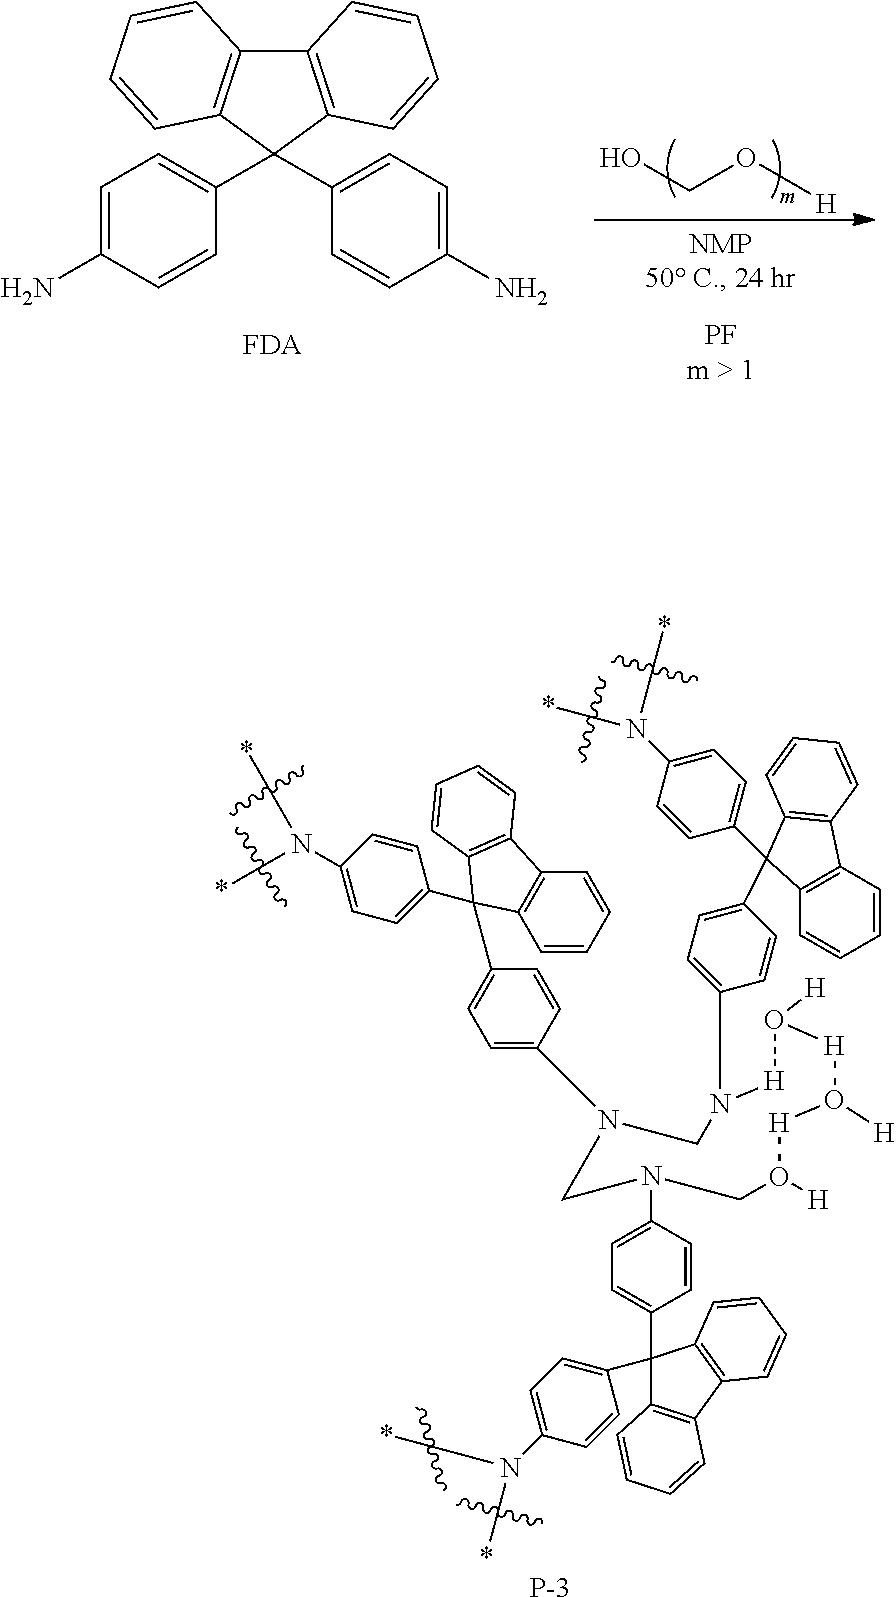 Figure US20150104579A1-20150416-C00027